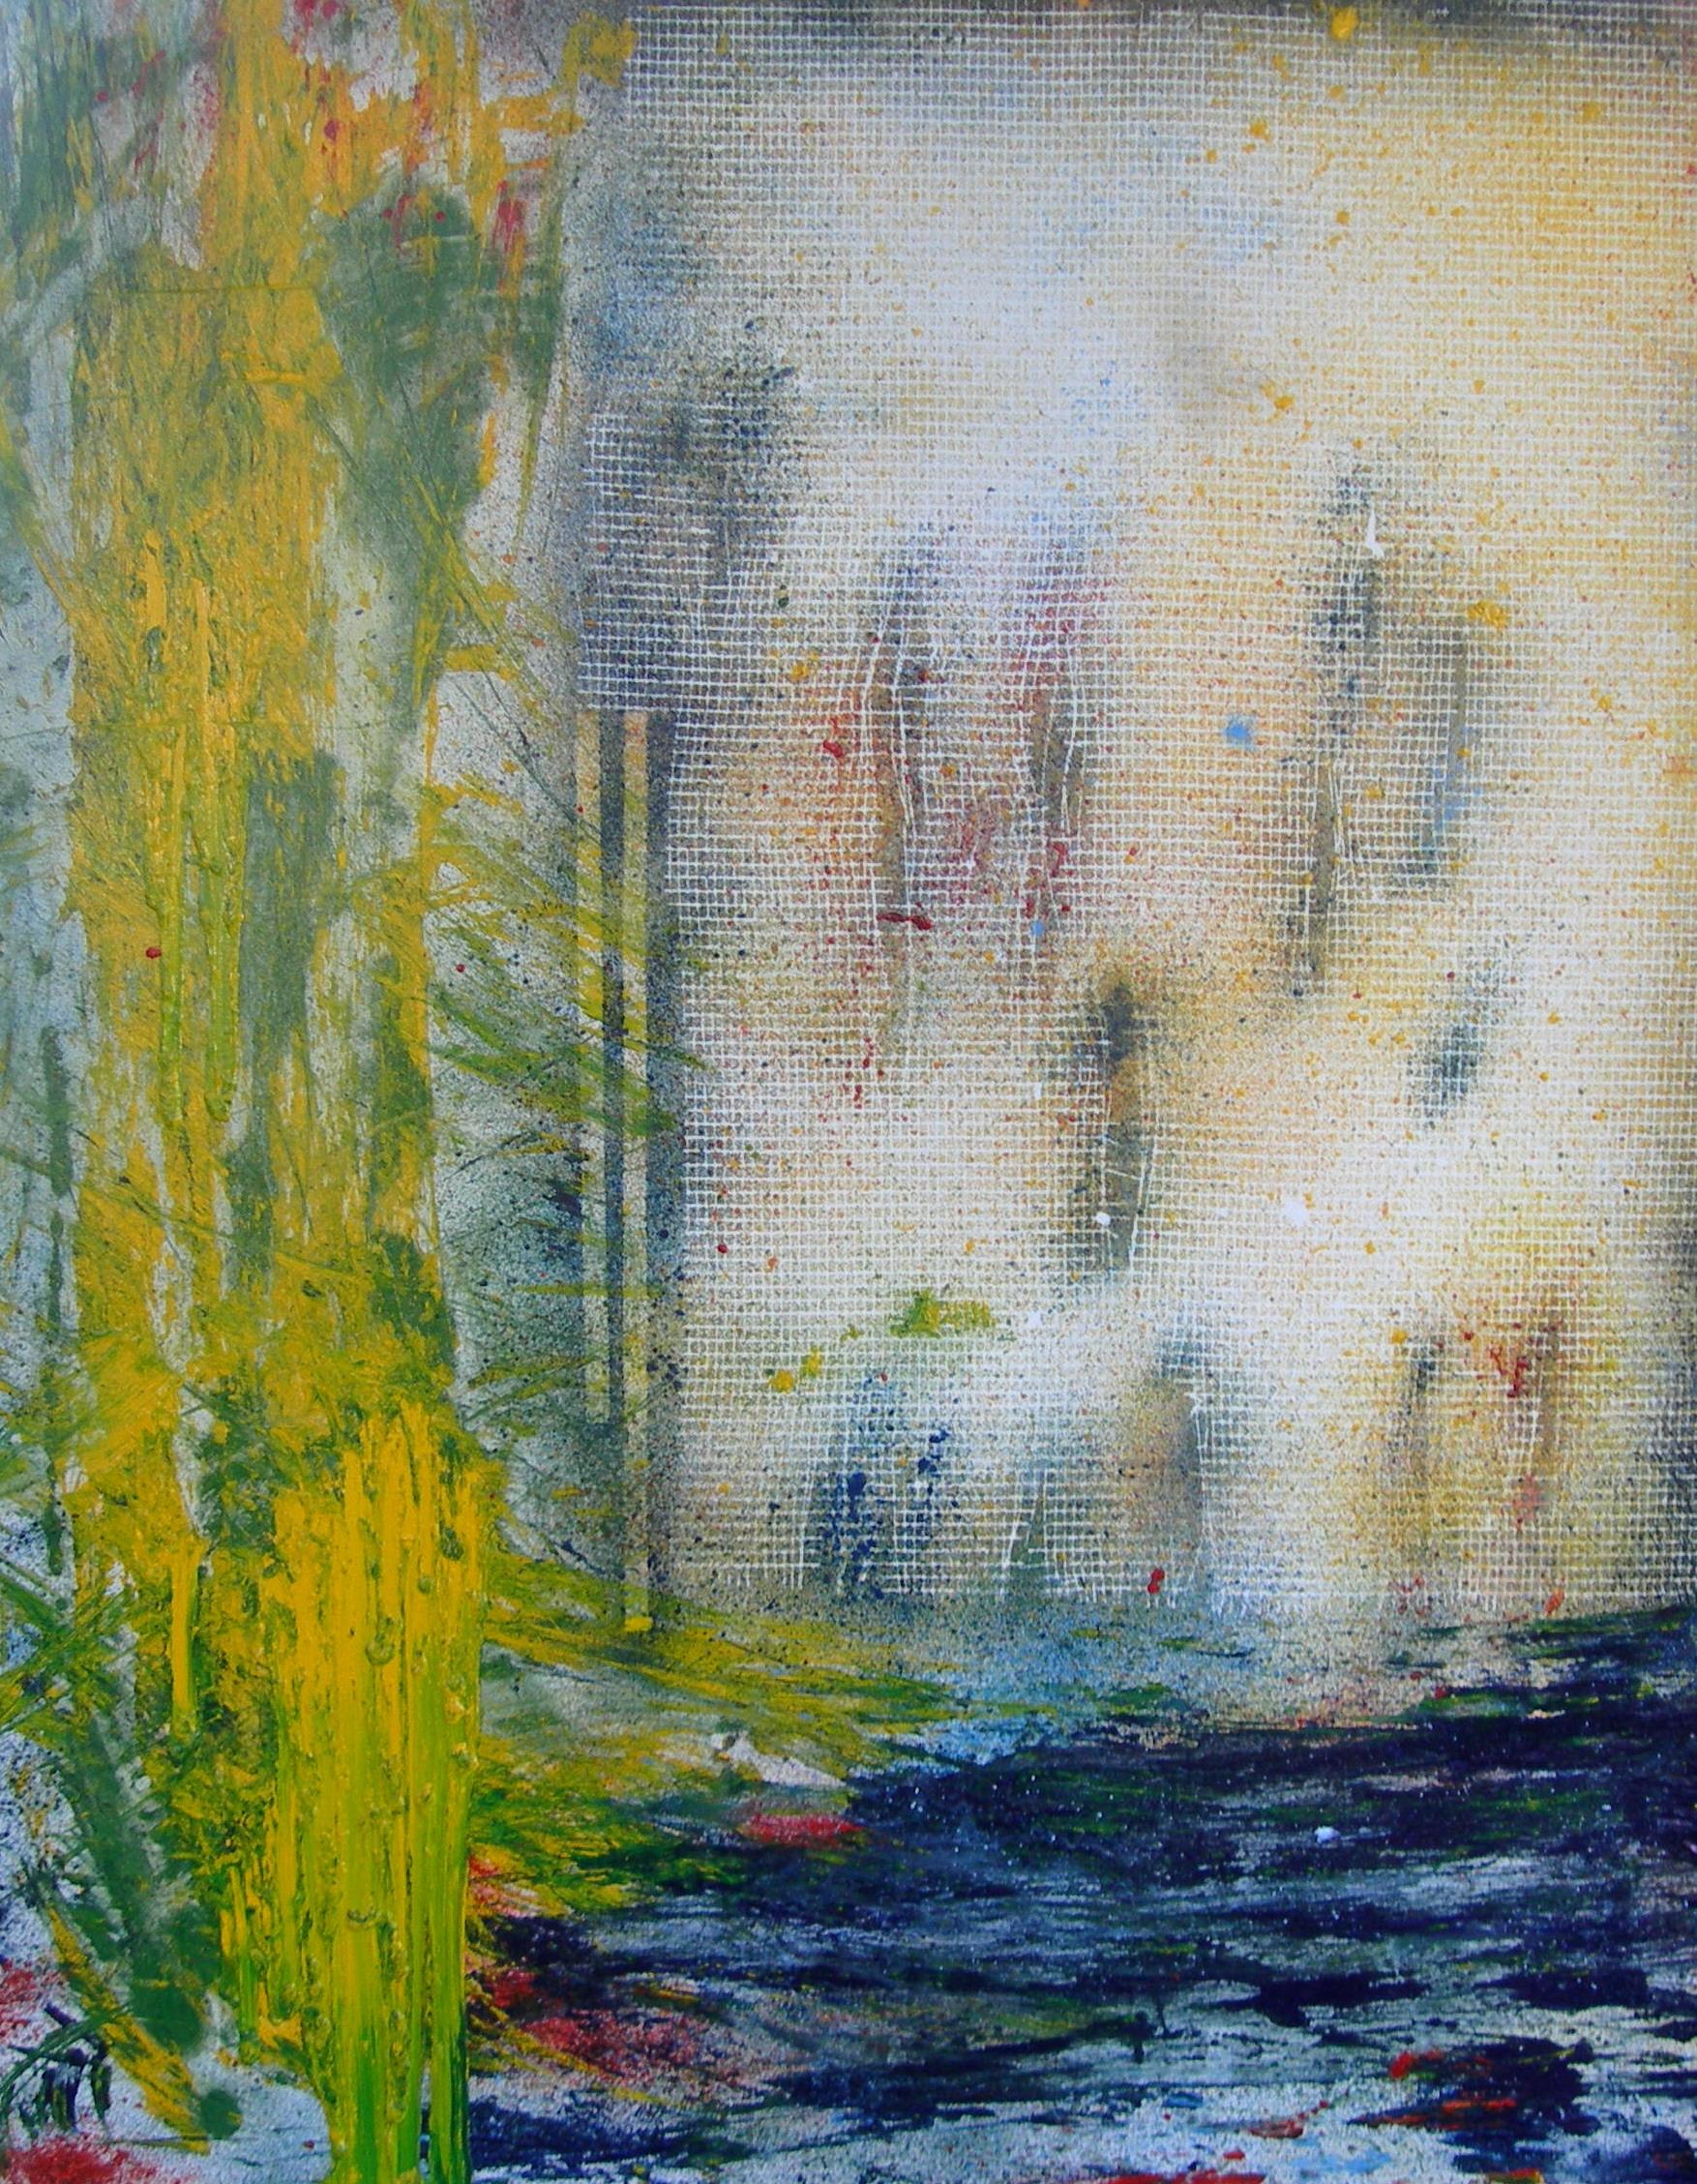 6) Senza titolo, cm.100x80, olio su tela, 2020